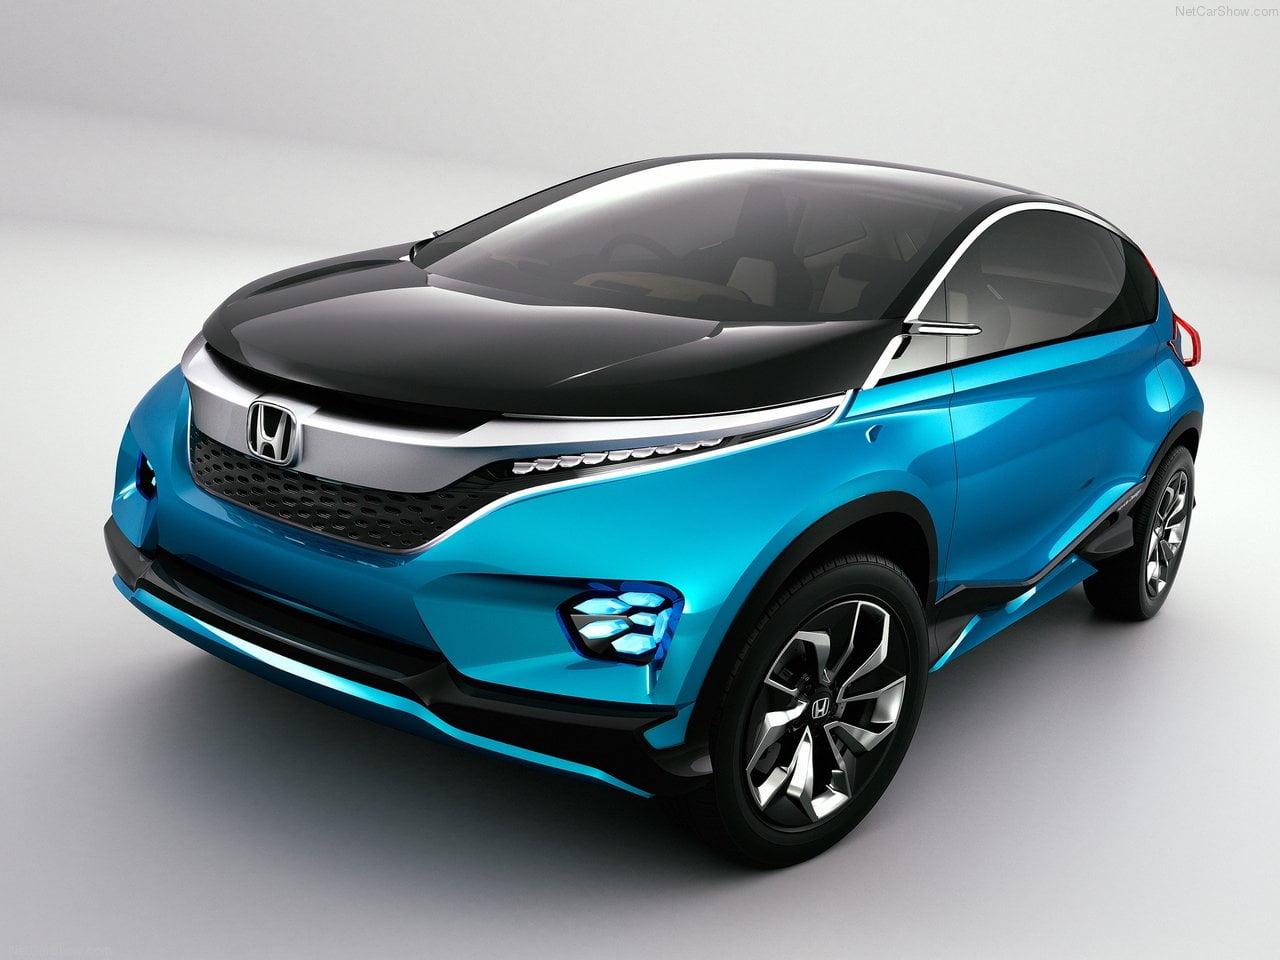 Honda Vision Xs Concept X Wallpaper